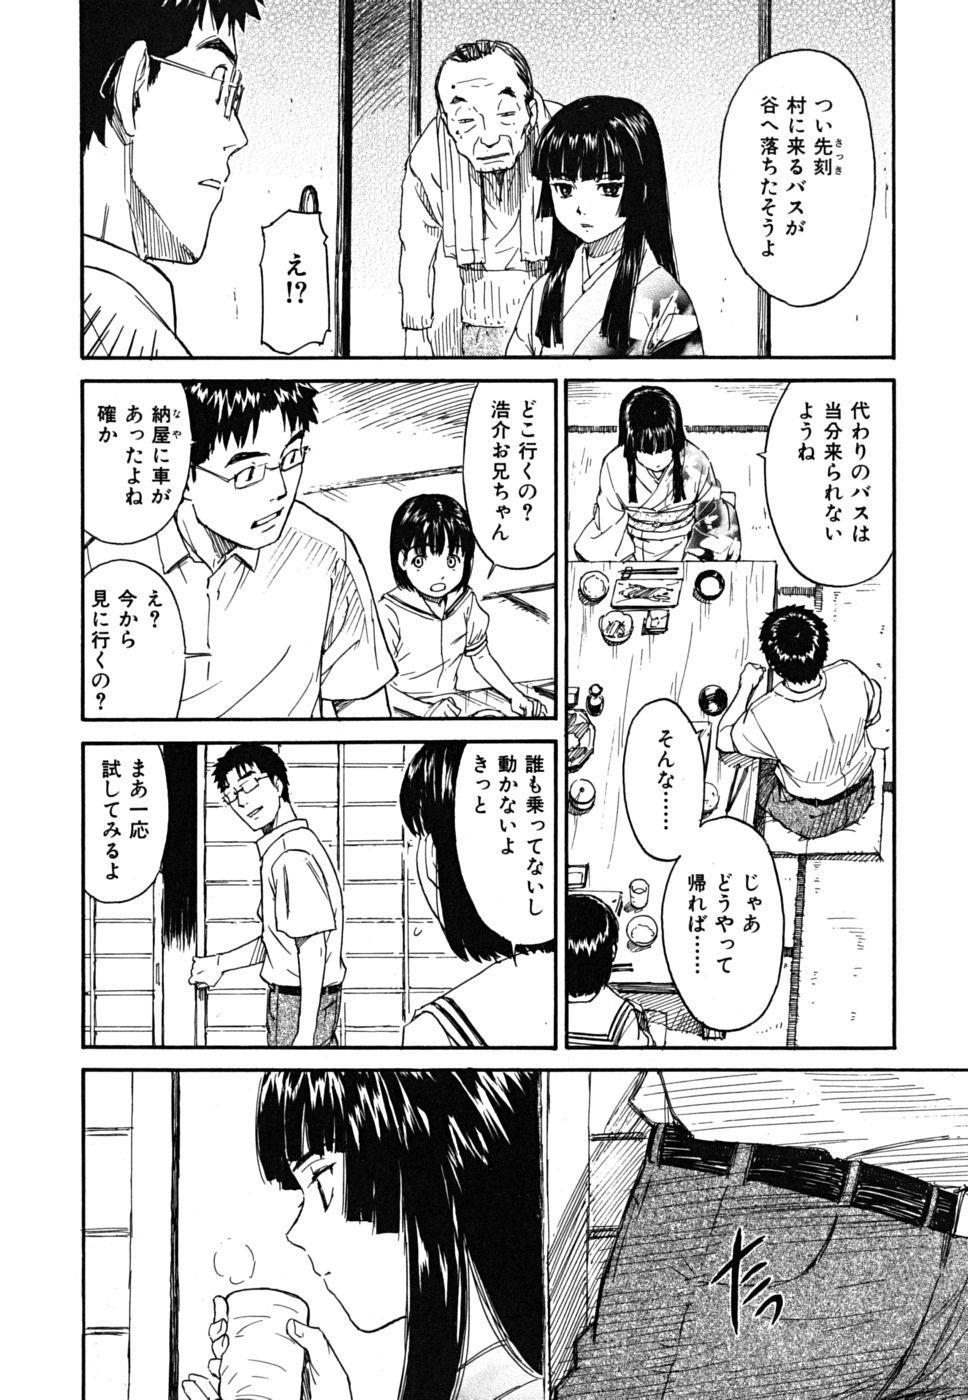 Shoujo Material 171